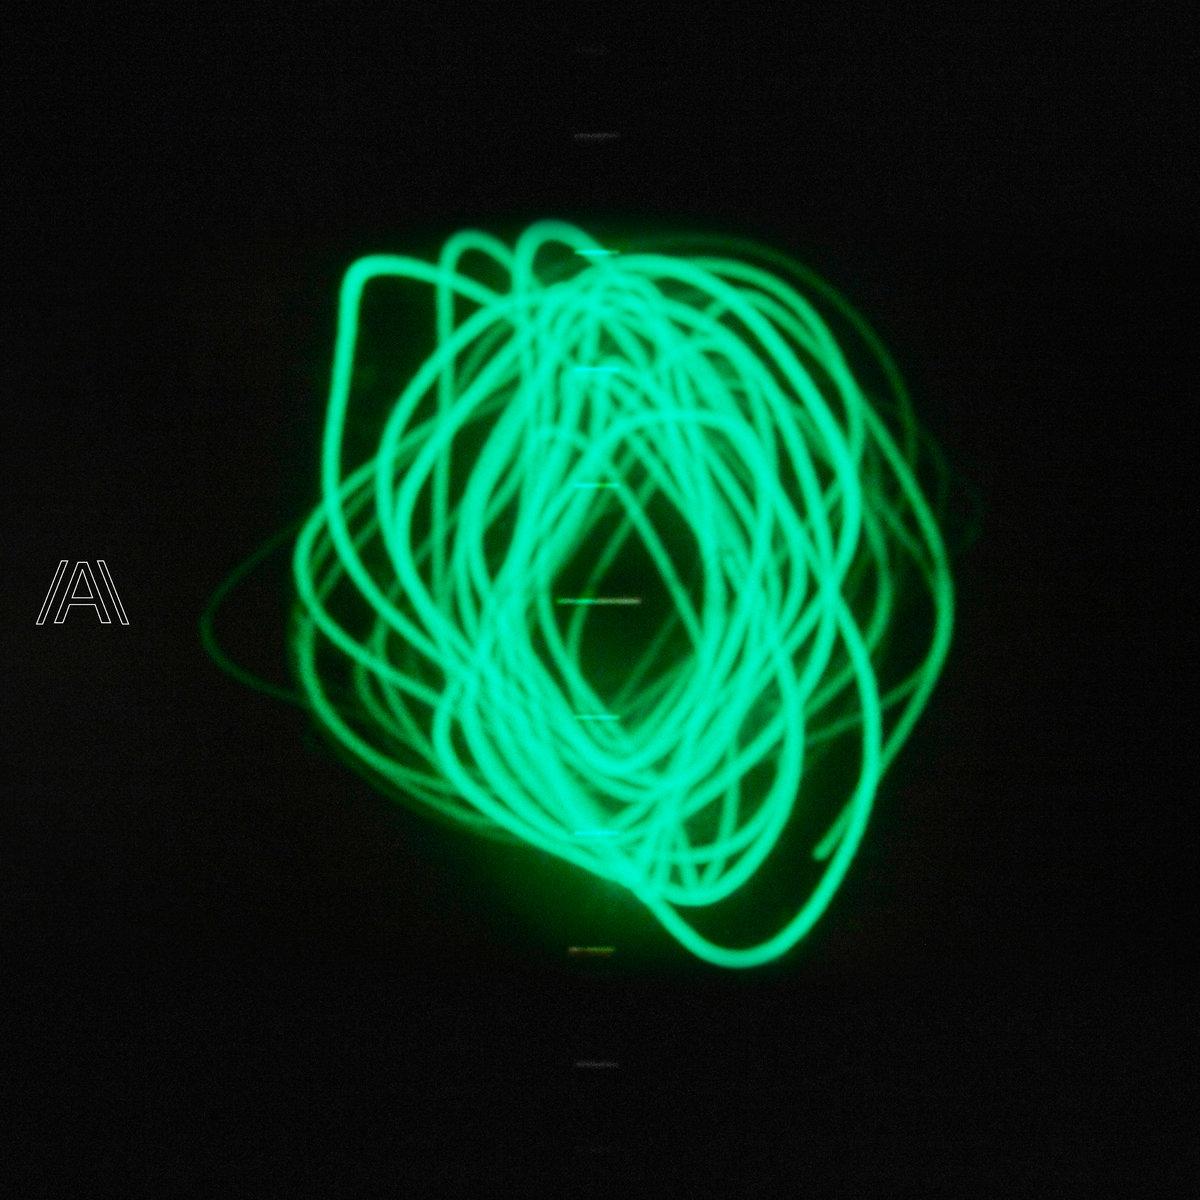 /A - /A LP - Hummus Records